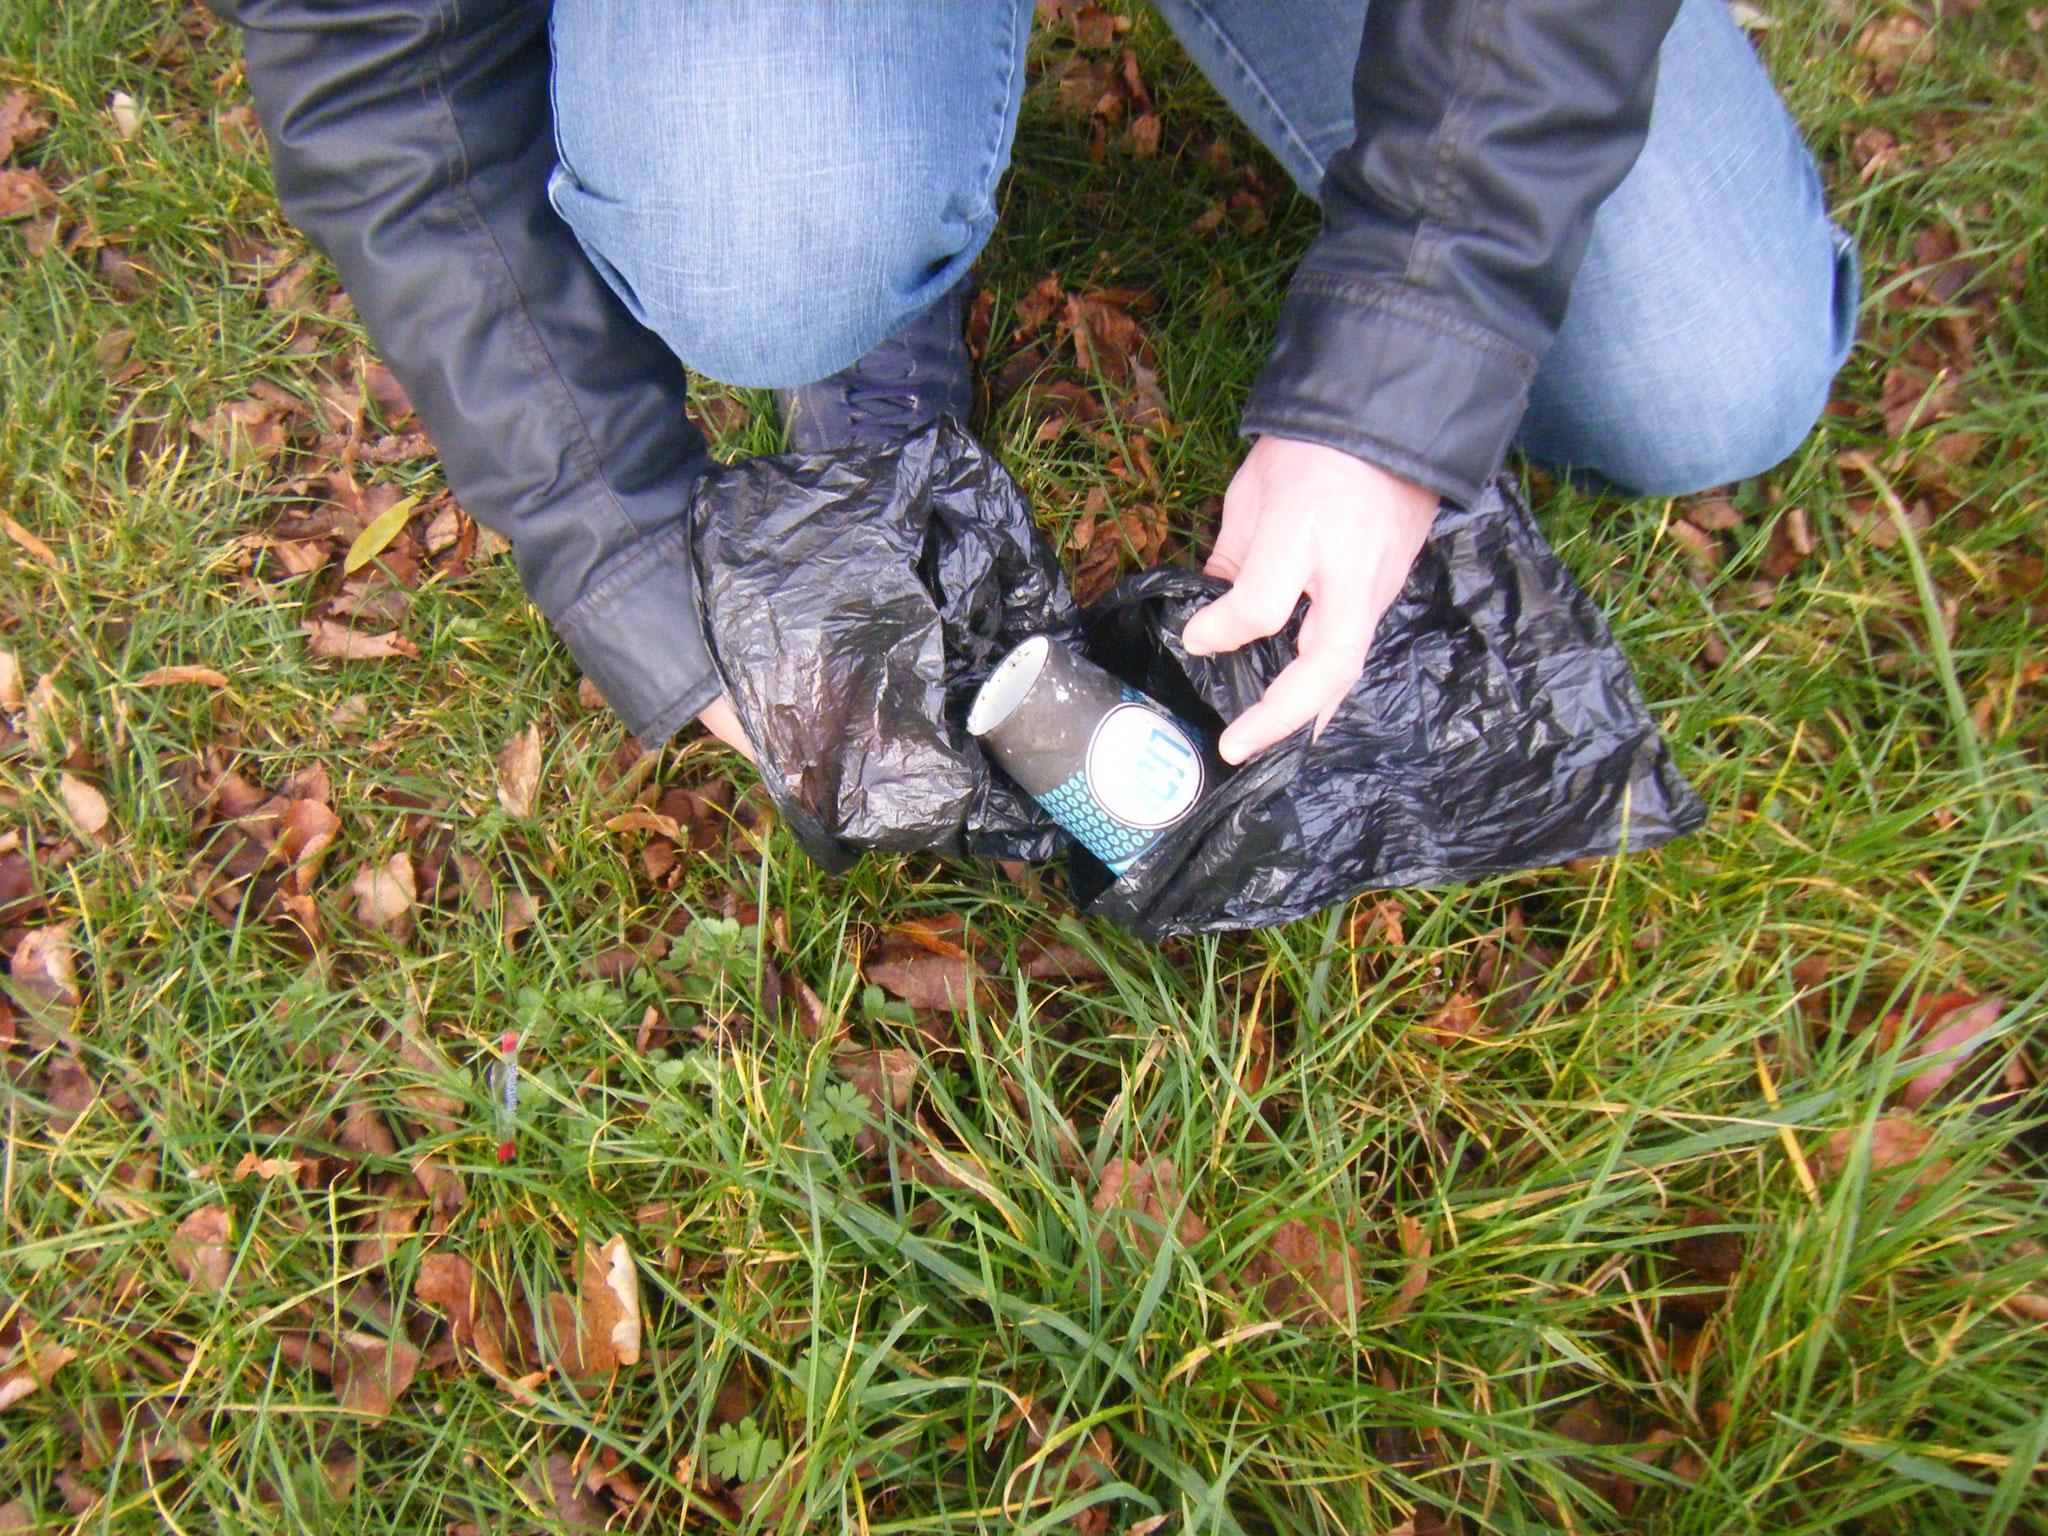 Notlösung für kleine Abfallmengen: zwei Hundetüten, von denen eine als Handschuh dient. die kleinen Tüten gehen auch in alle Abfalleimer